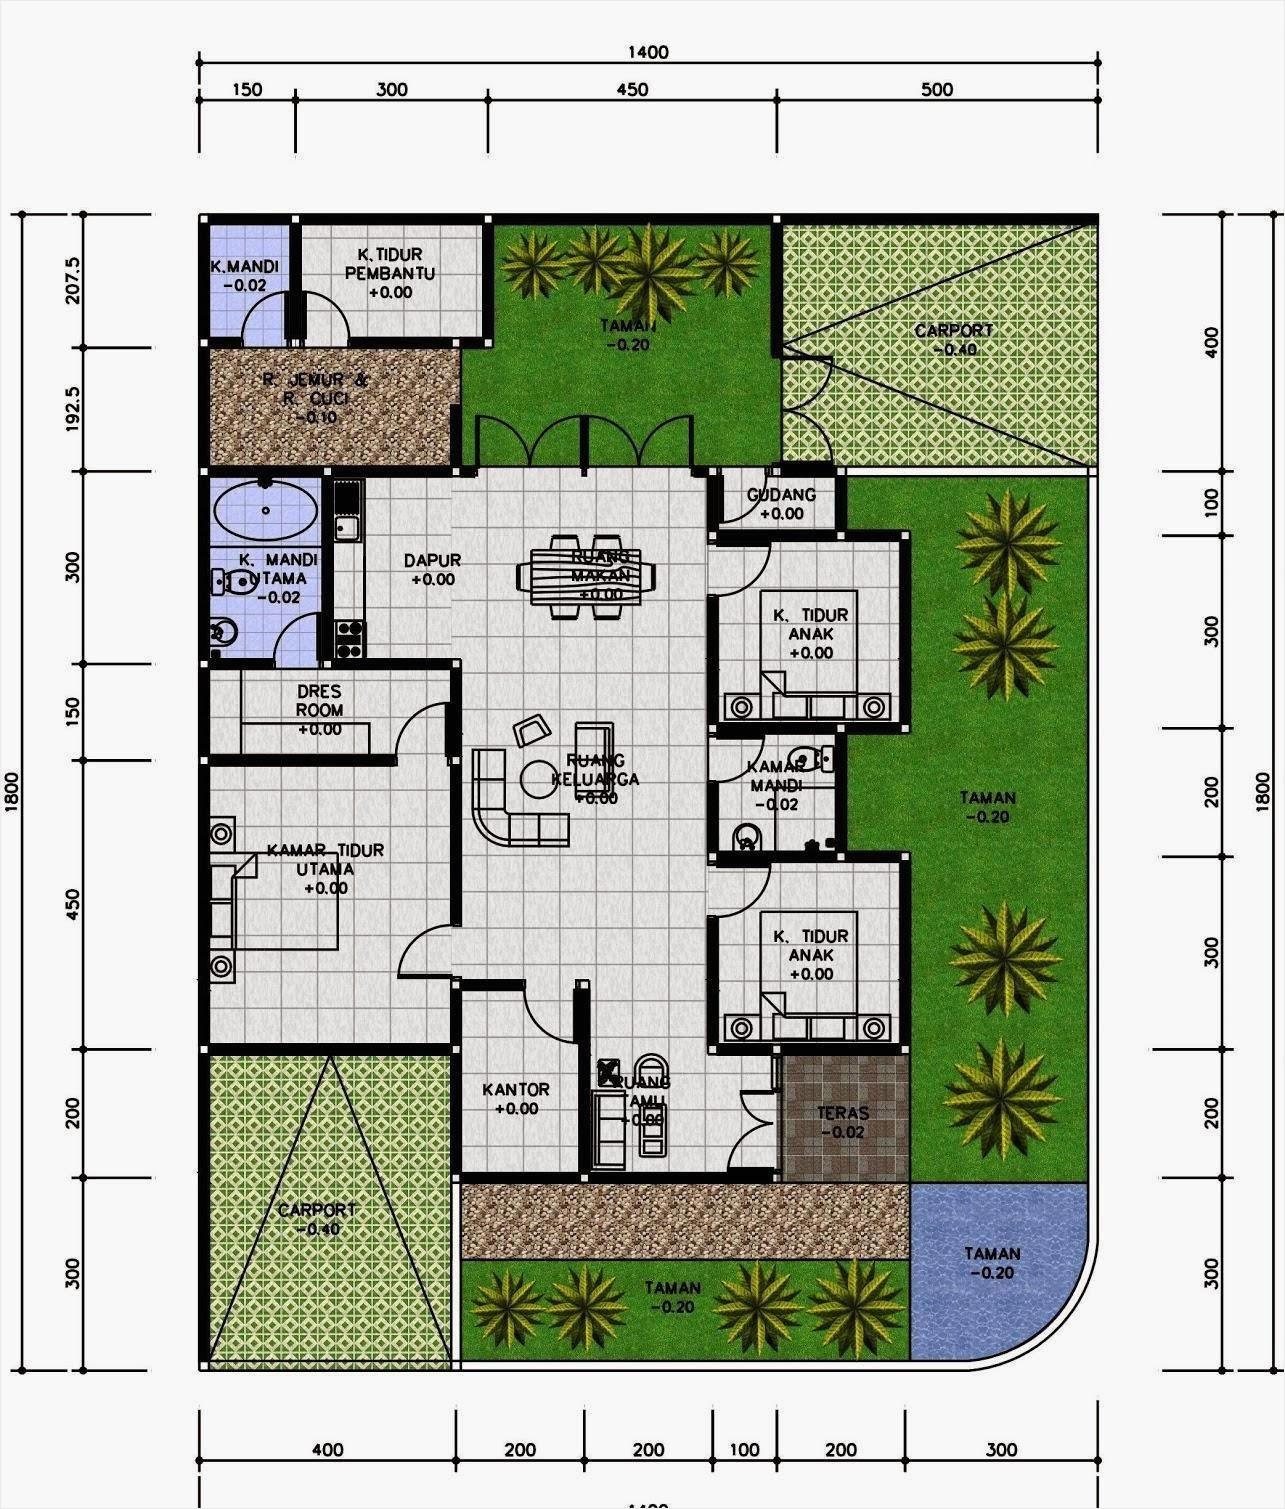 20 Denah Rumah Minimalis 3 Kamar Tidur Rumahku Unik